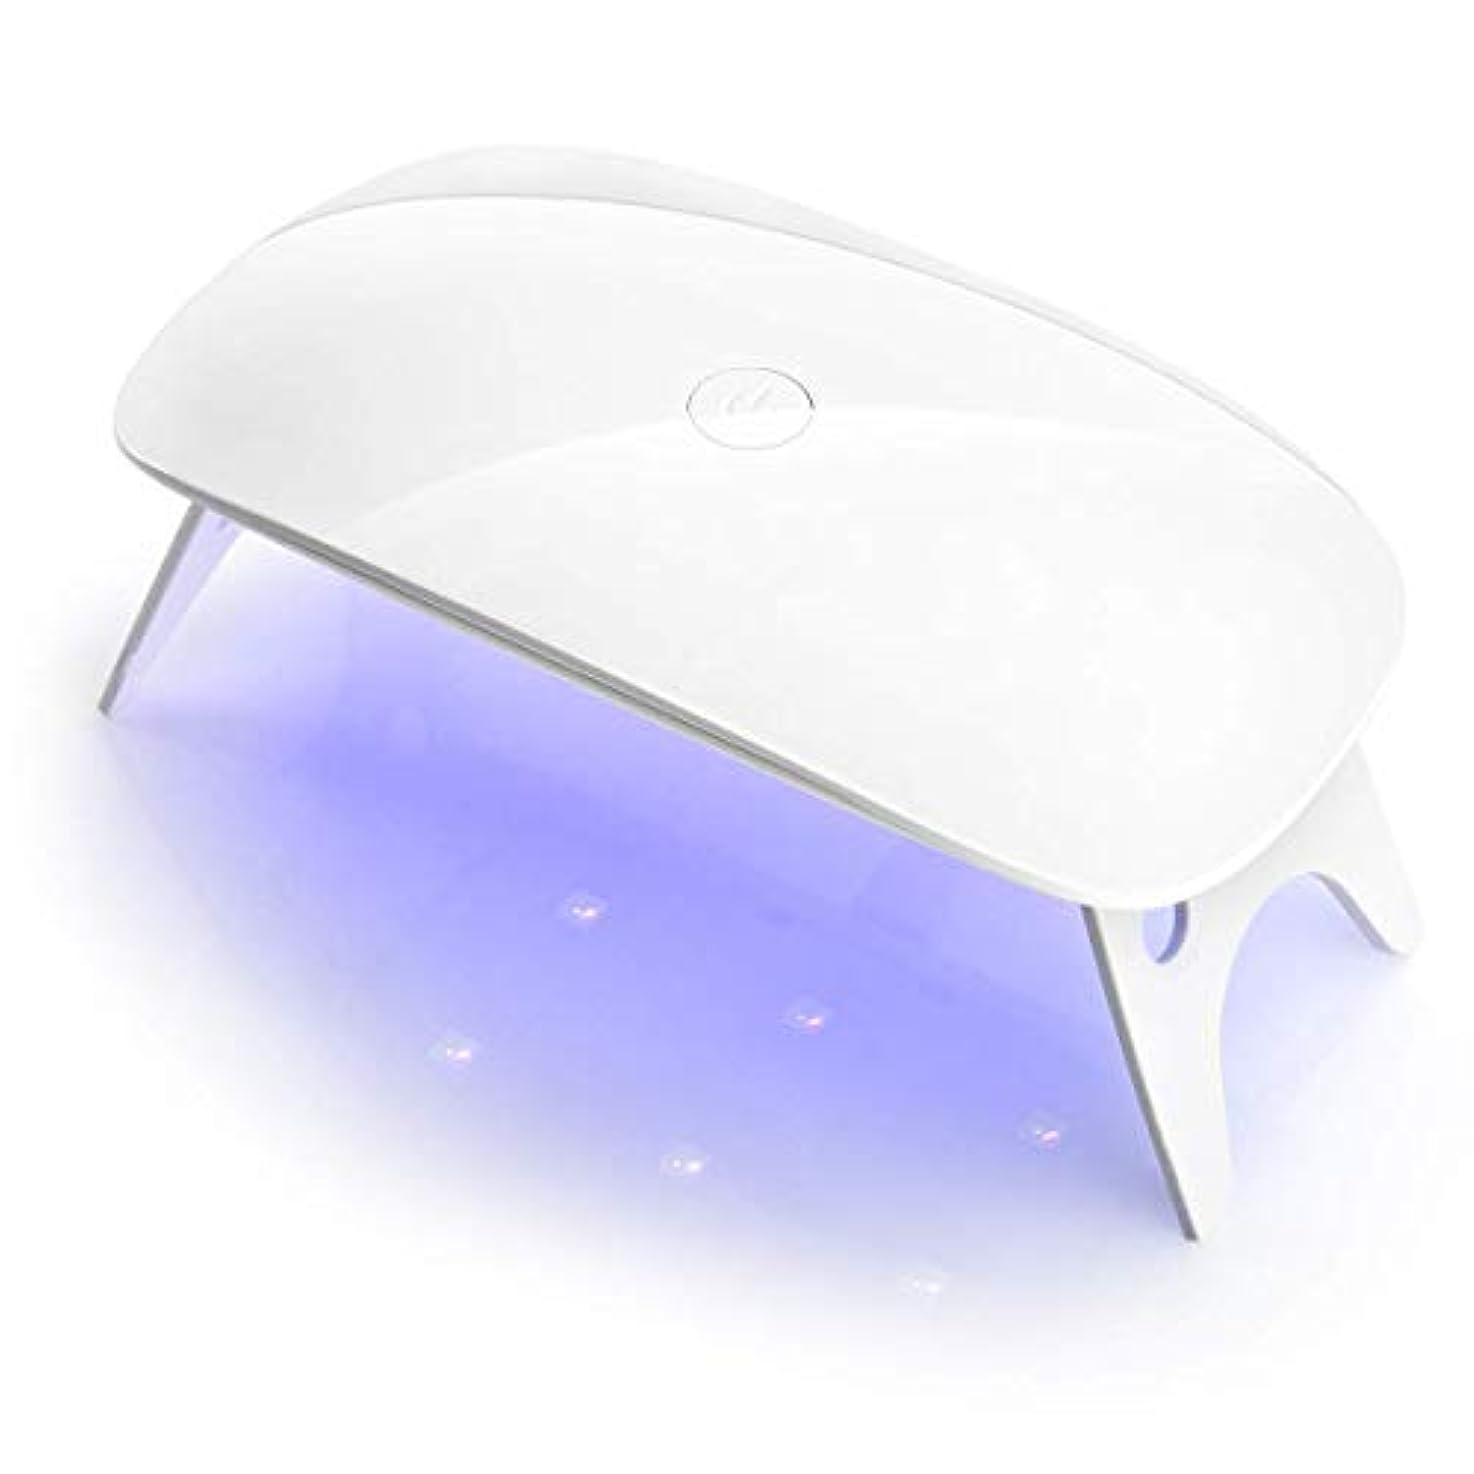 調和のとれた物理学者ラリータイマー設定可能ネイルドライヤー UVライト折りたたみ式手足とも使える 人感センサー式 LED 硬化ライト